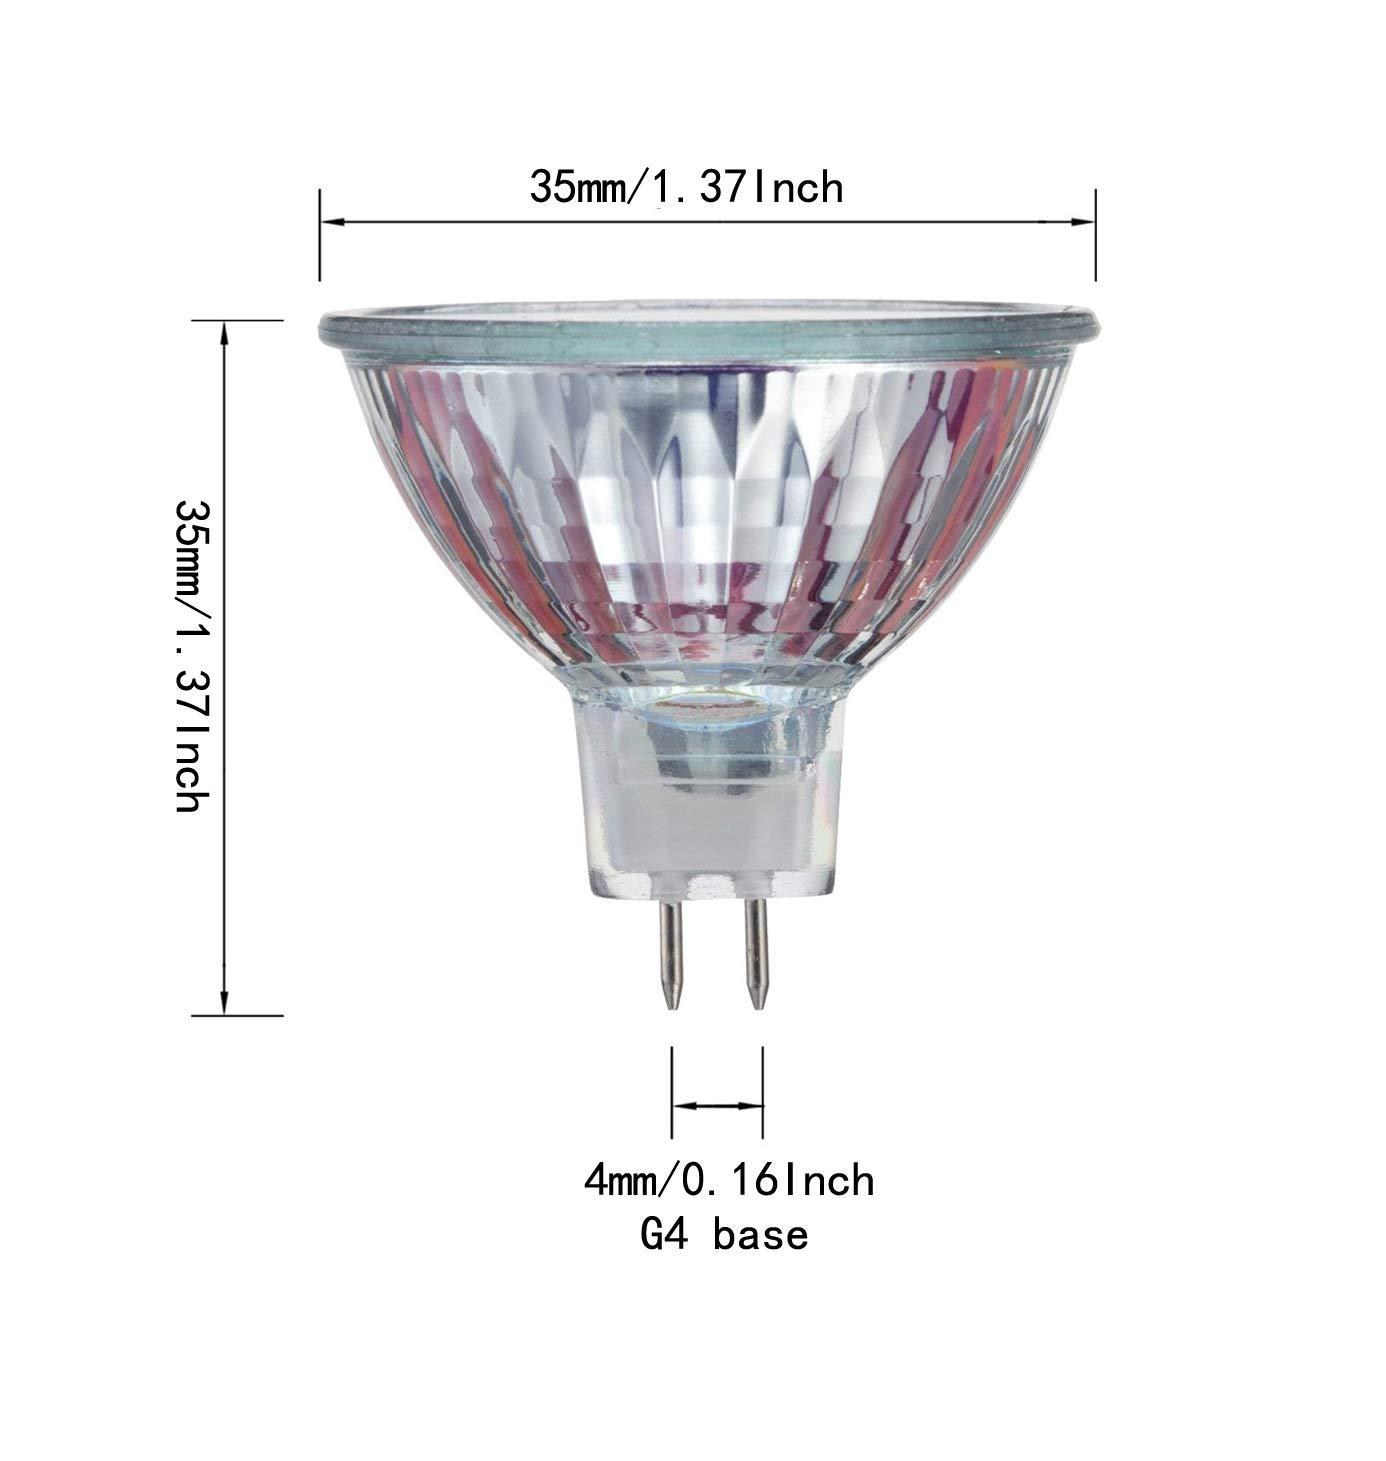 30 Degree Beam Spread Precision Halogen Reflector Fiber Optic Light Bulb 10W 12V,6 Pack - MR11 12Volt 10Watt Halogen Lamp 6 Pack CTKcom Halogen Light Bulbs